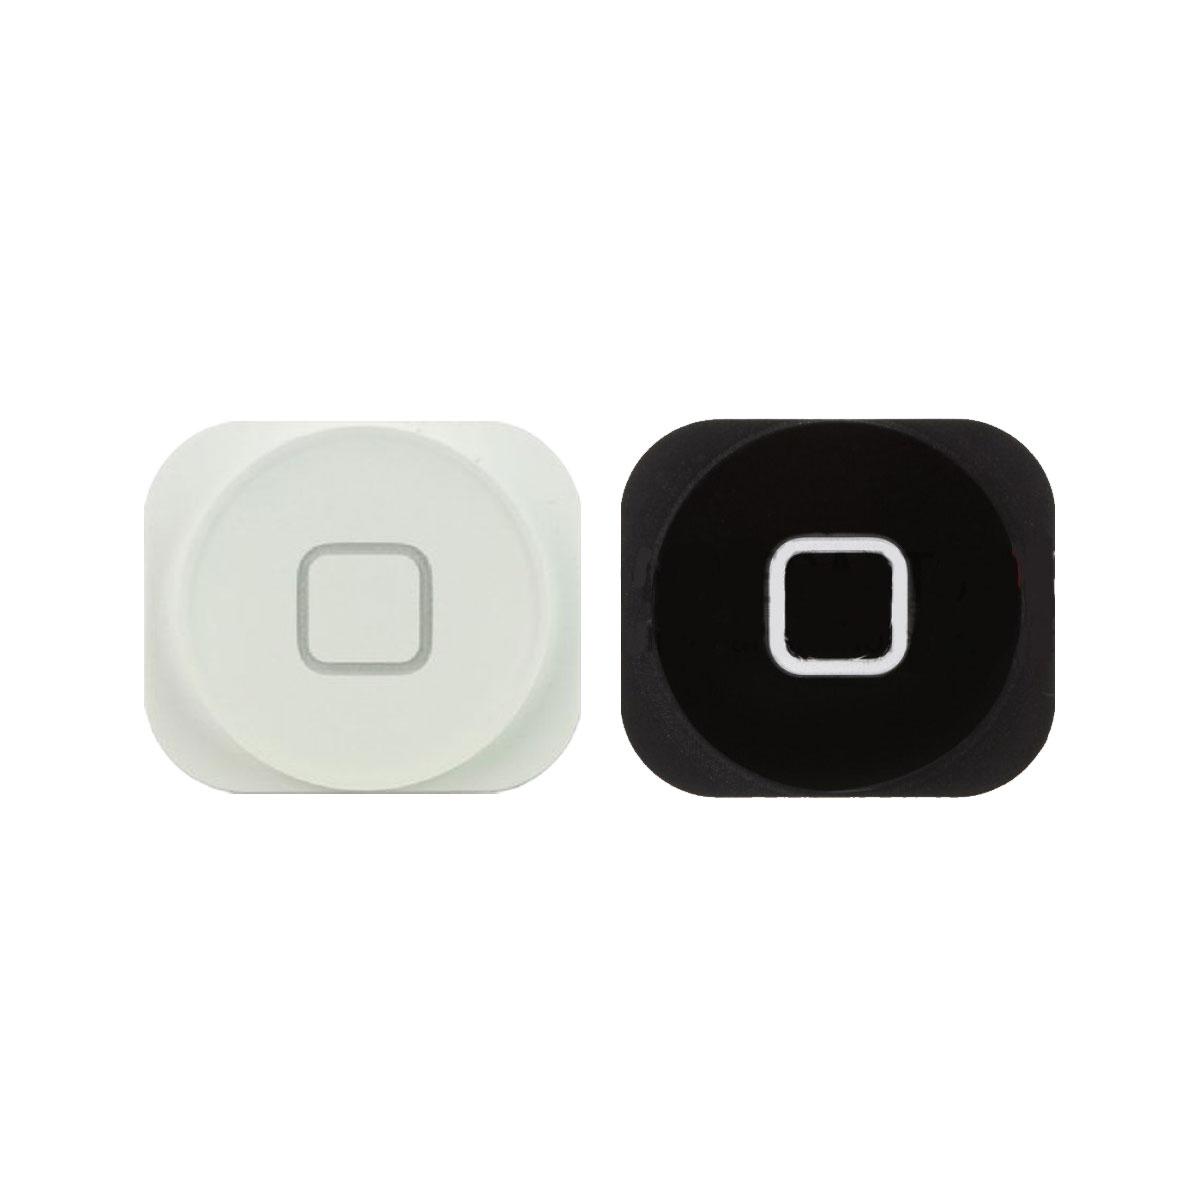 Botão Home Início Apple iPhone 5 5G